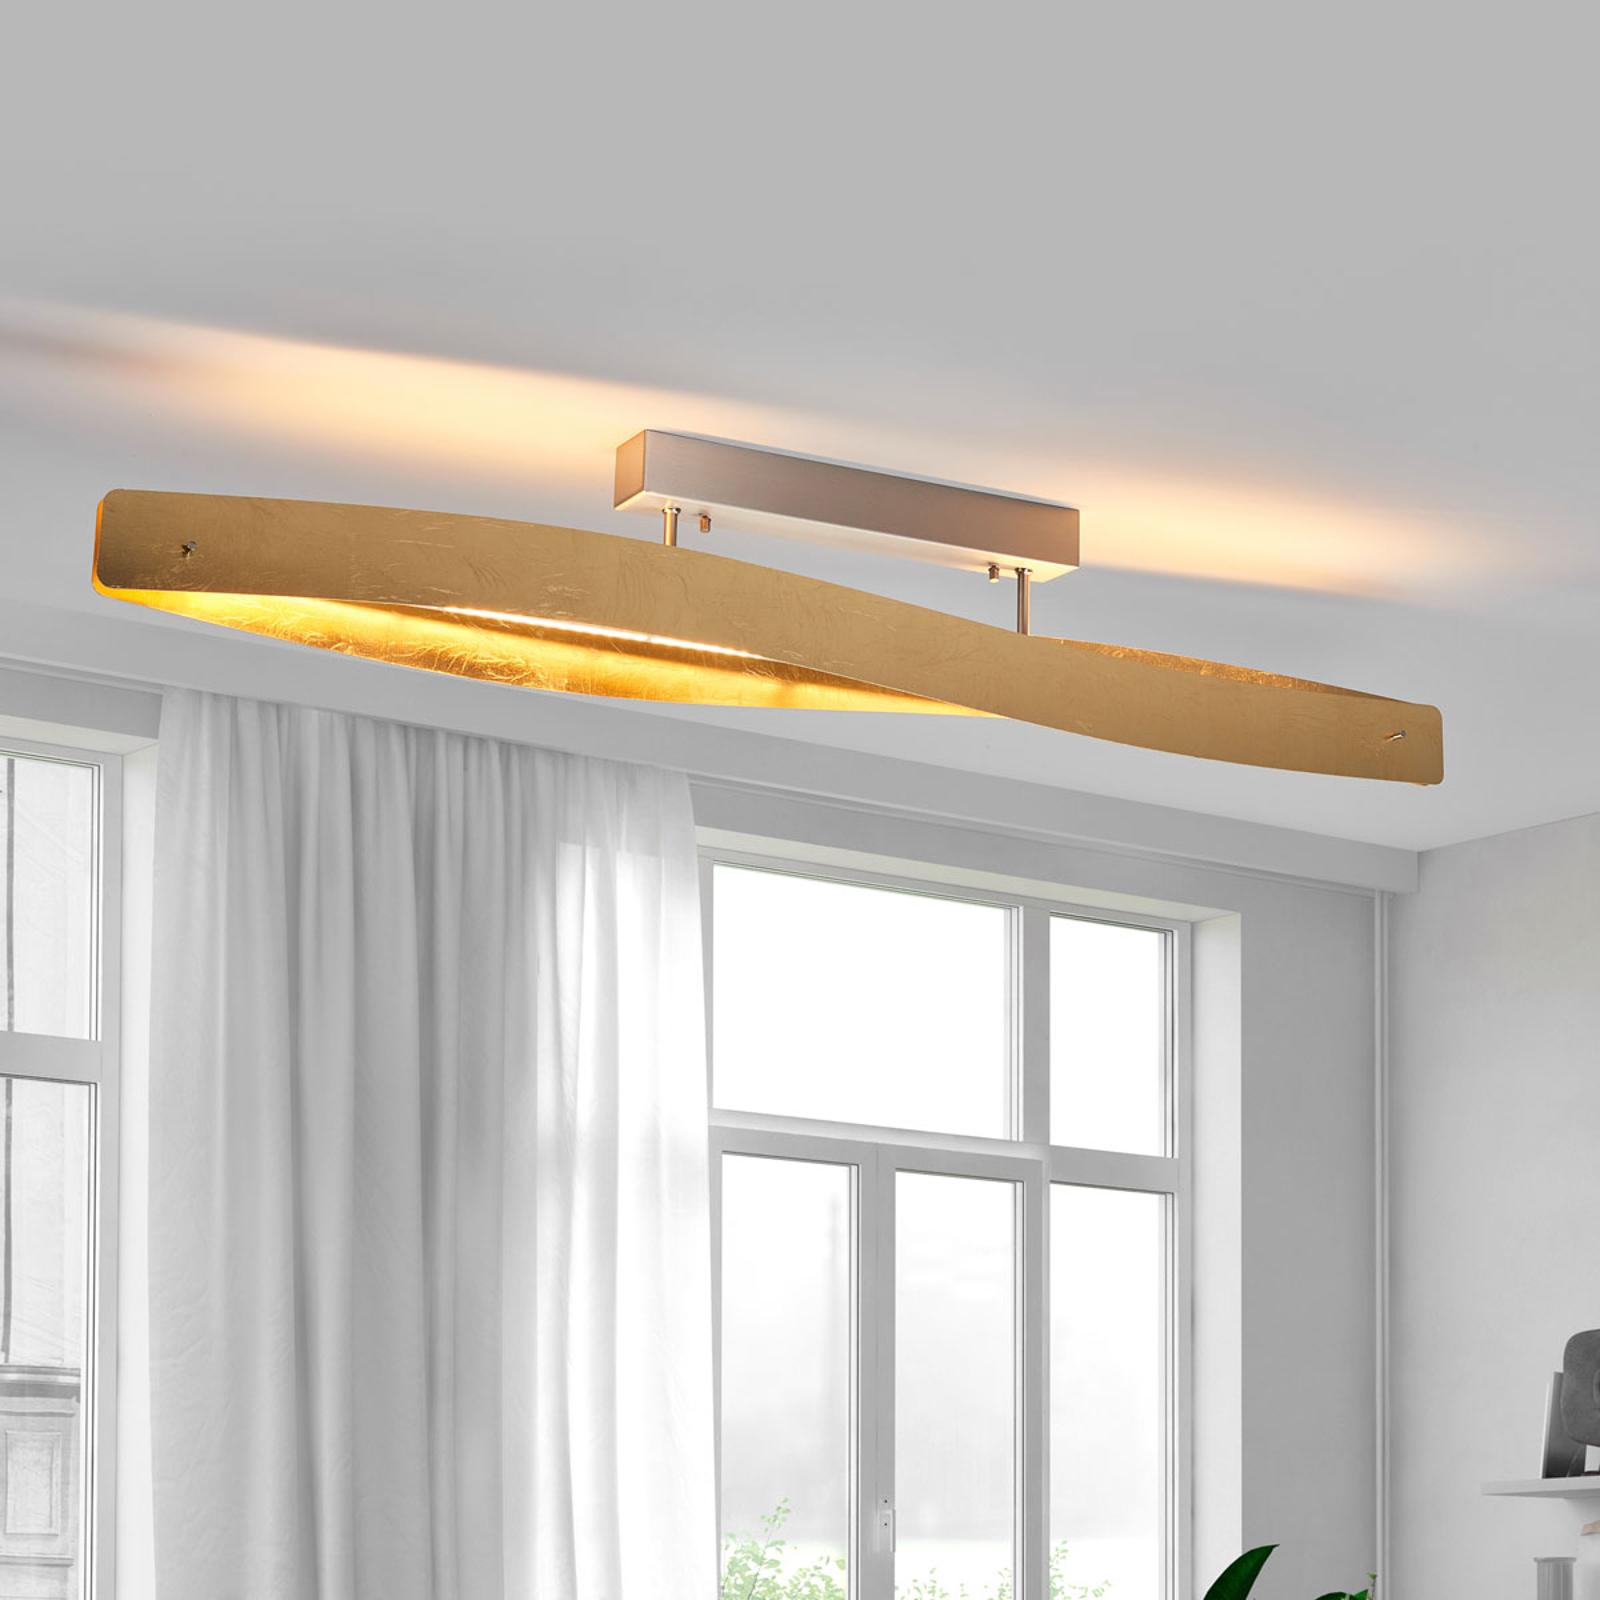 Élégant plafonnier LED avec feuilles métalliques